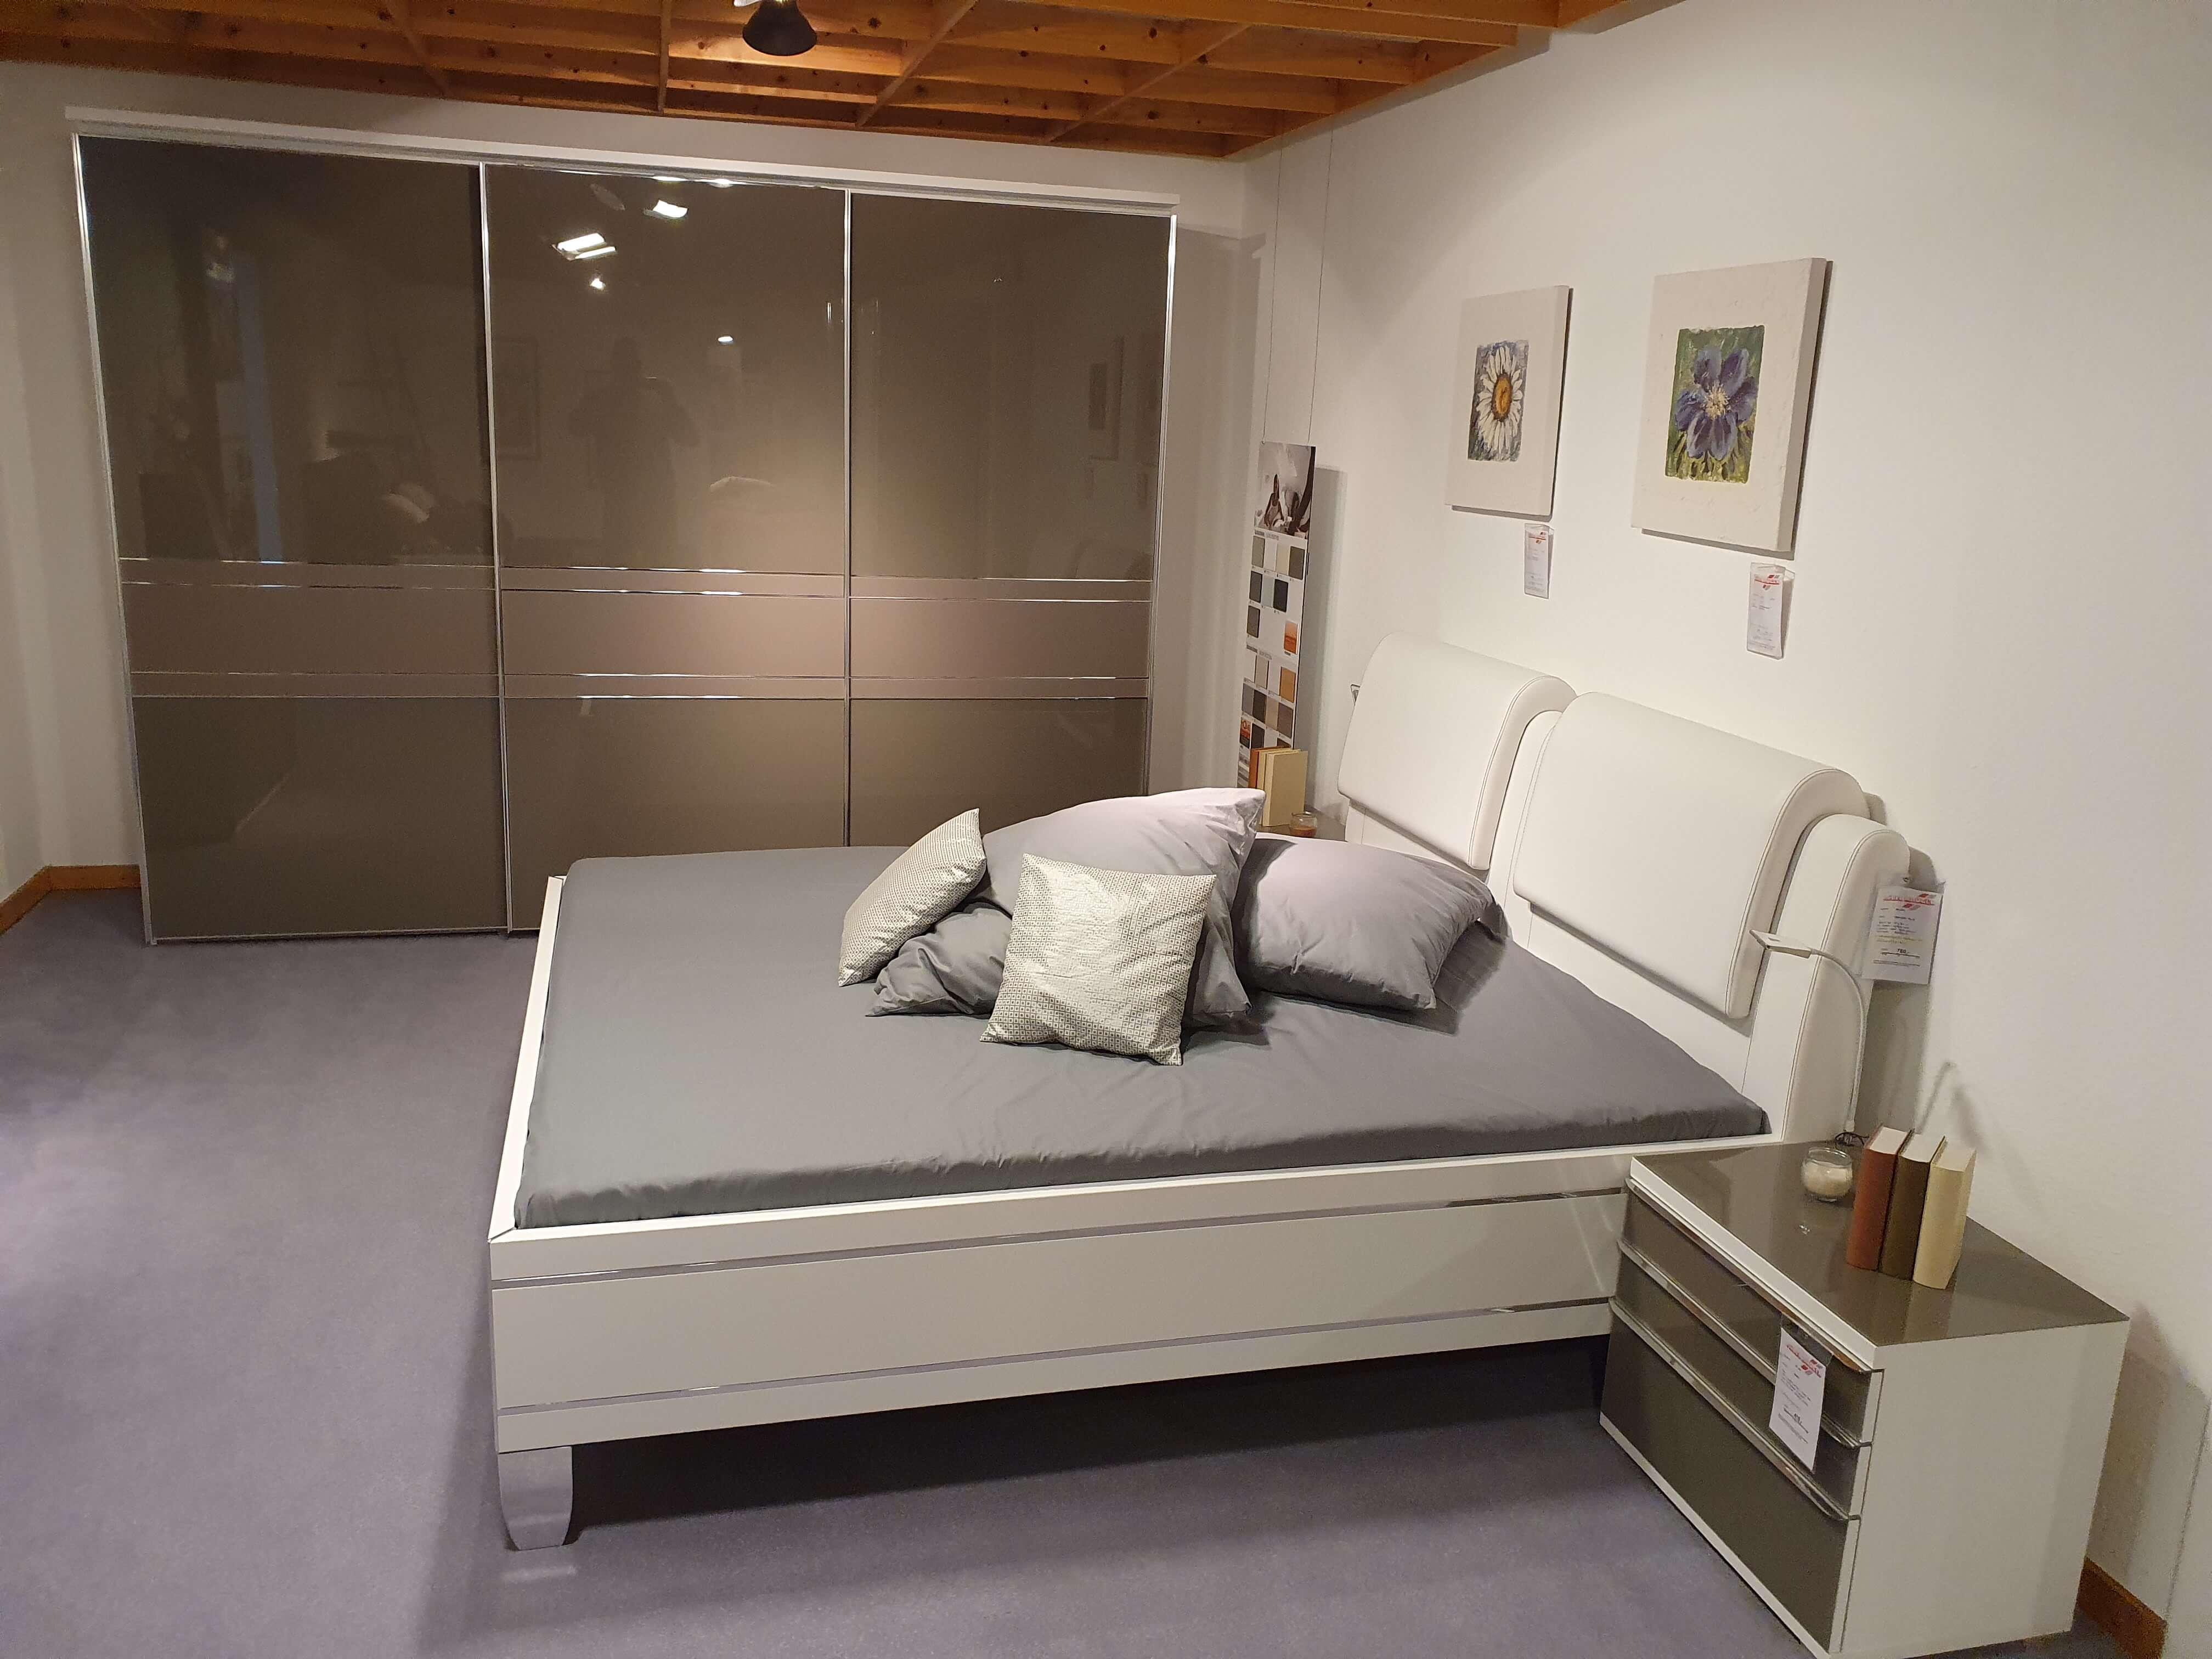 Sinfonie Rubin Sonate Schlafzimmer komplett ink Bett Nachtkonsolen Kleiderschrank Kombikommode